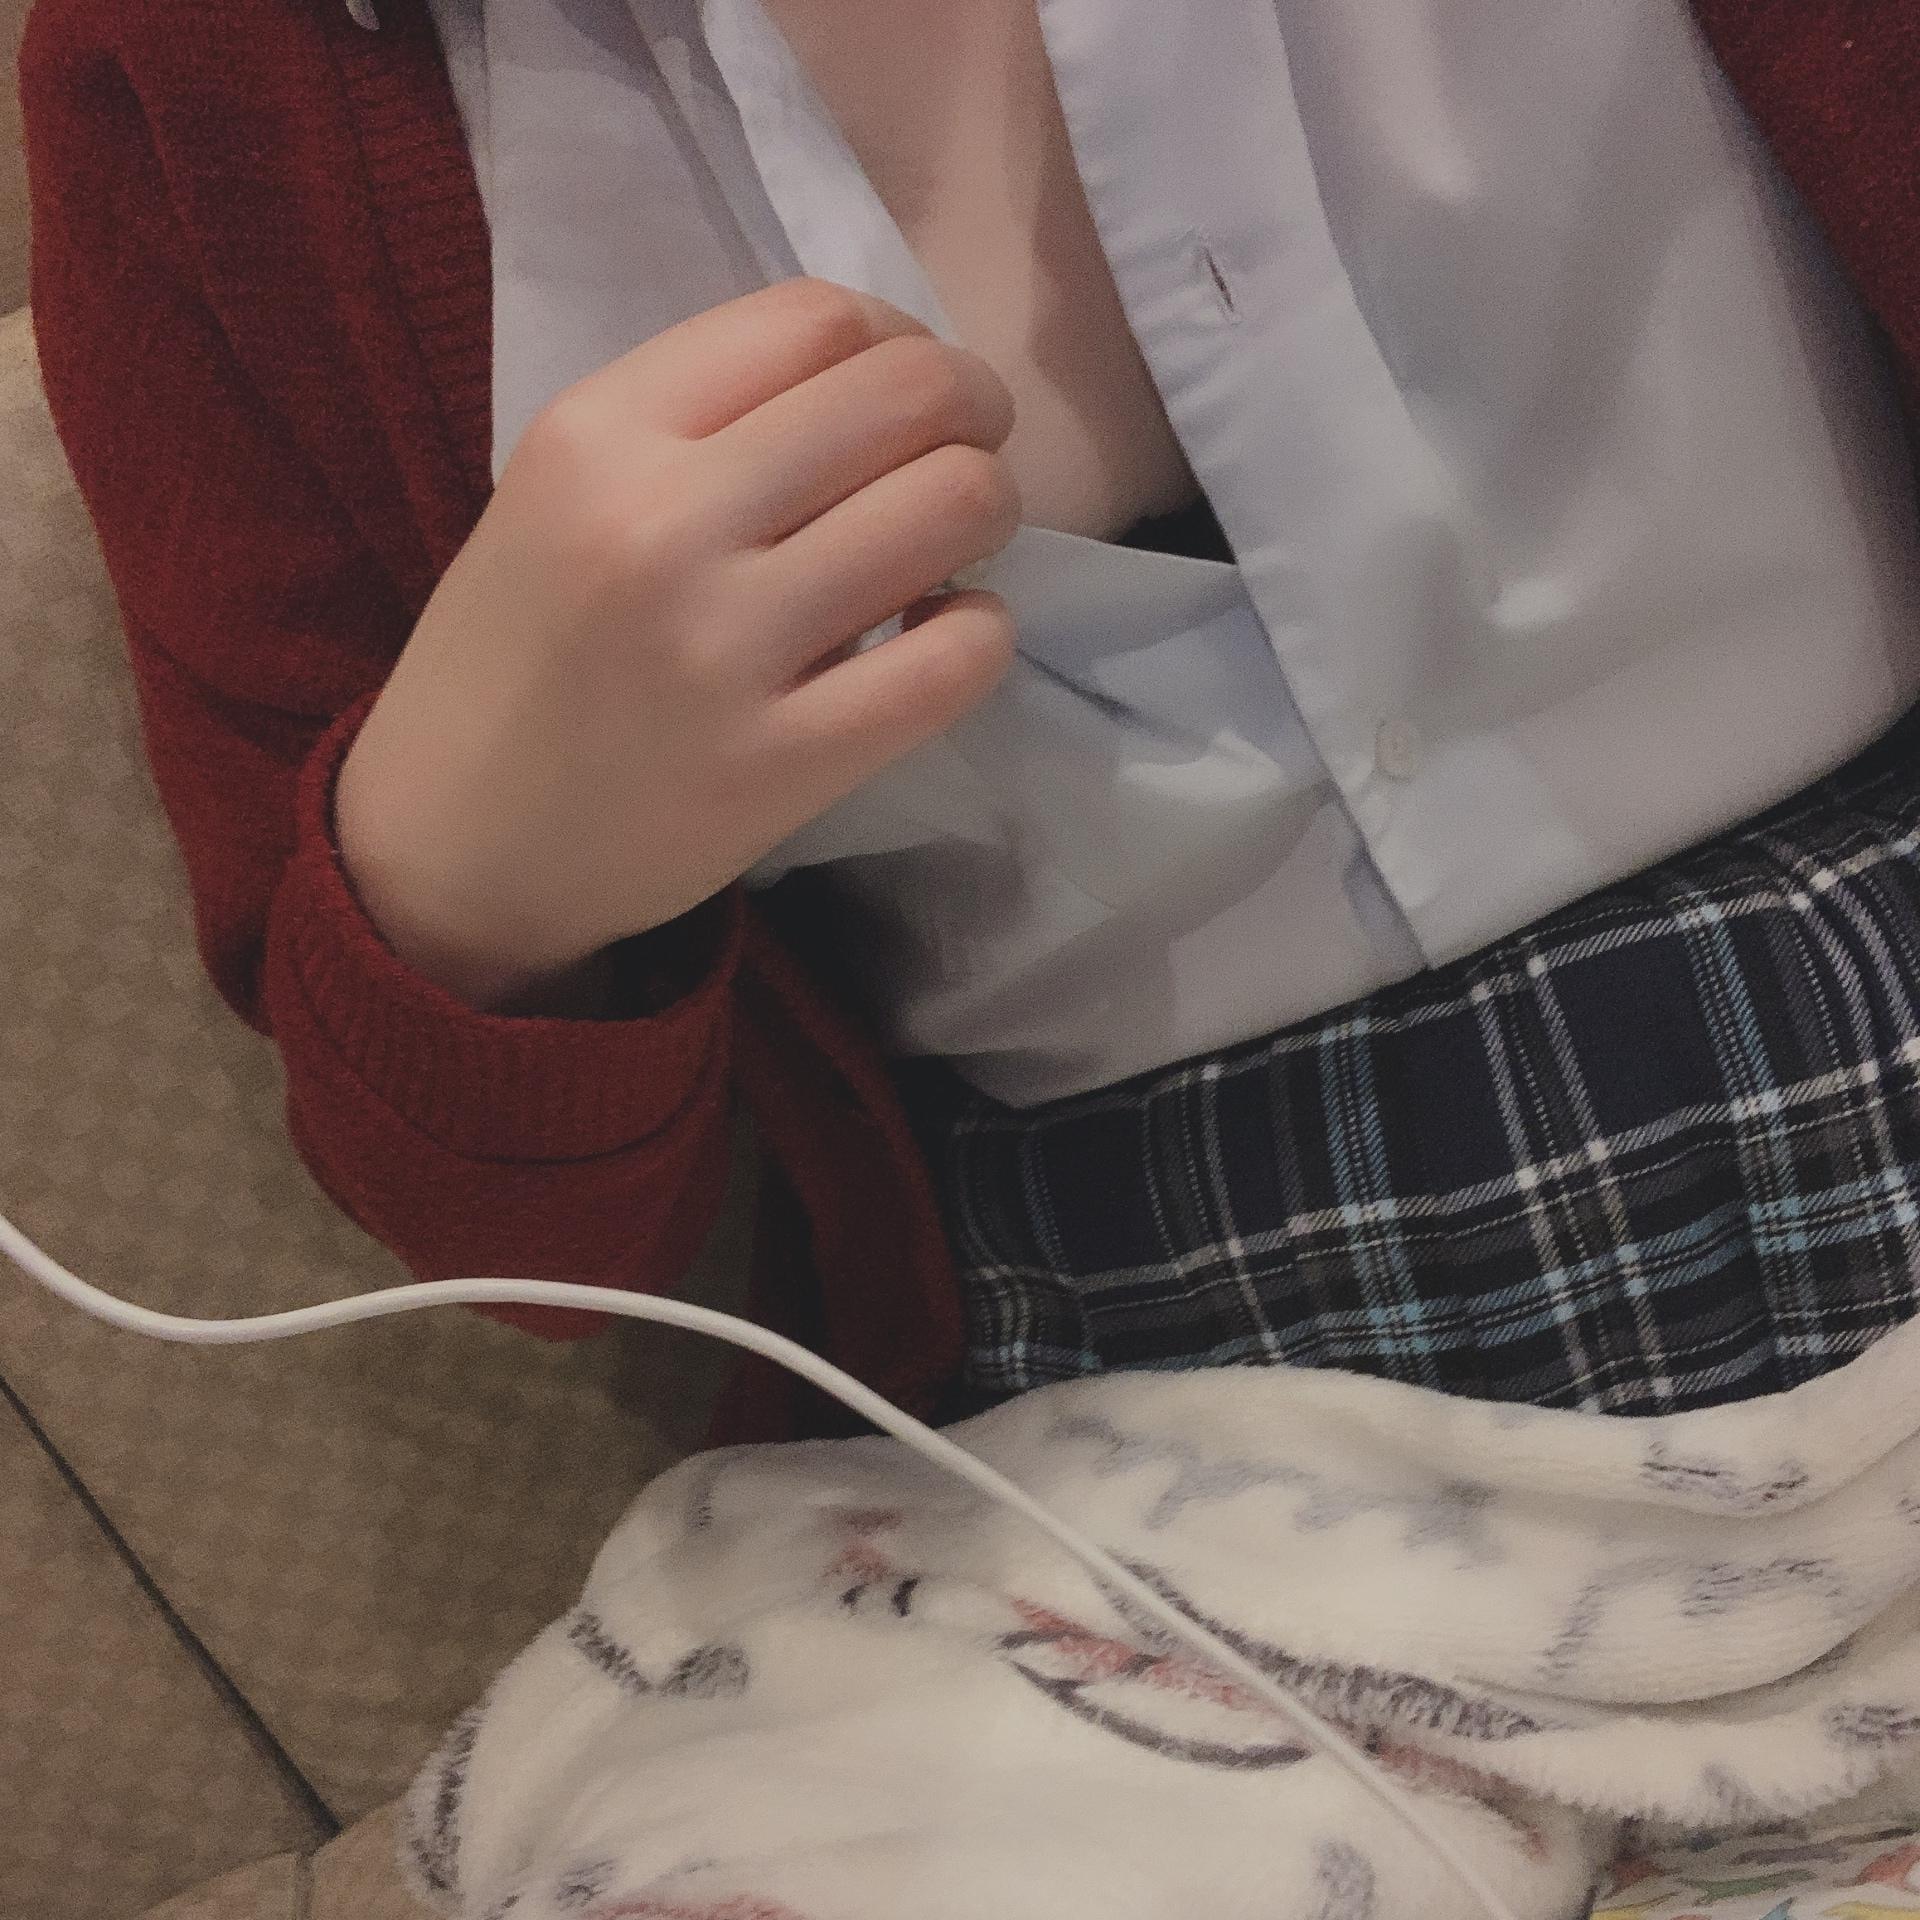 りおん「出勤してます」02/23(日) 18:10   りおんの写メ・風俗動画